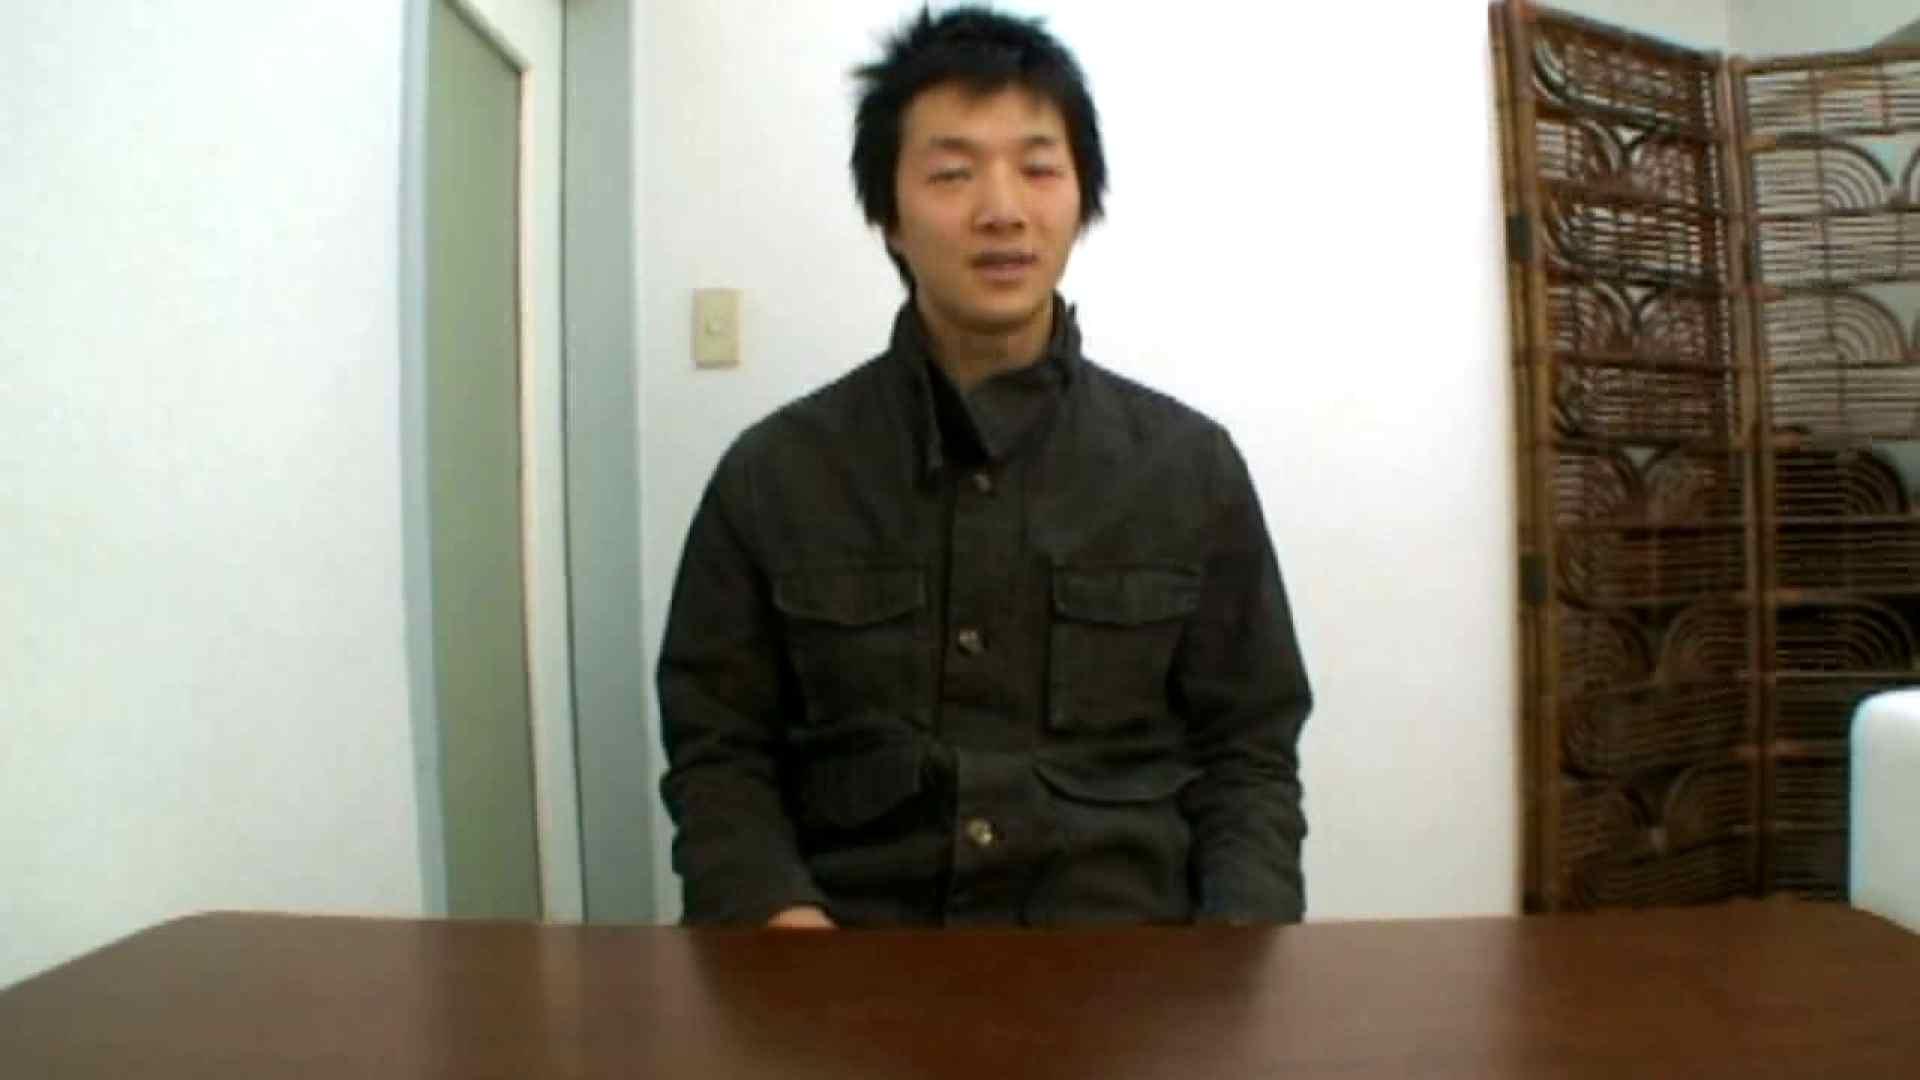 ノンケ!自慰スタジオ No.16 ゲイの自慰 ゲイセックス画像 60pic 29